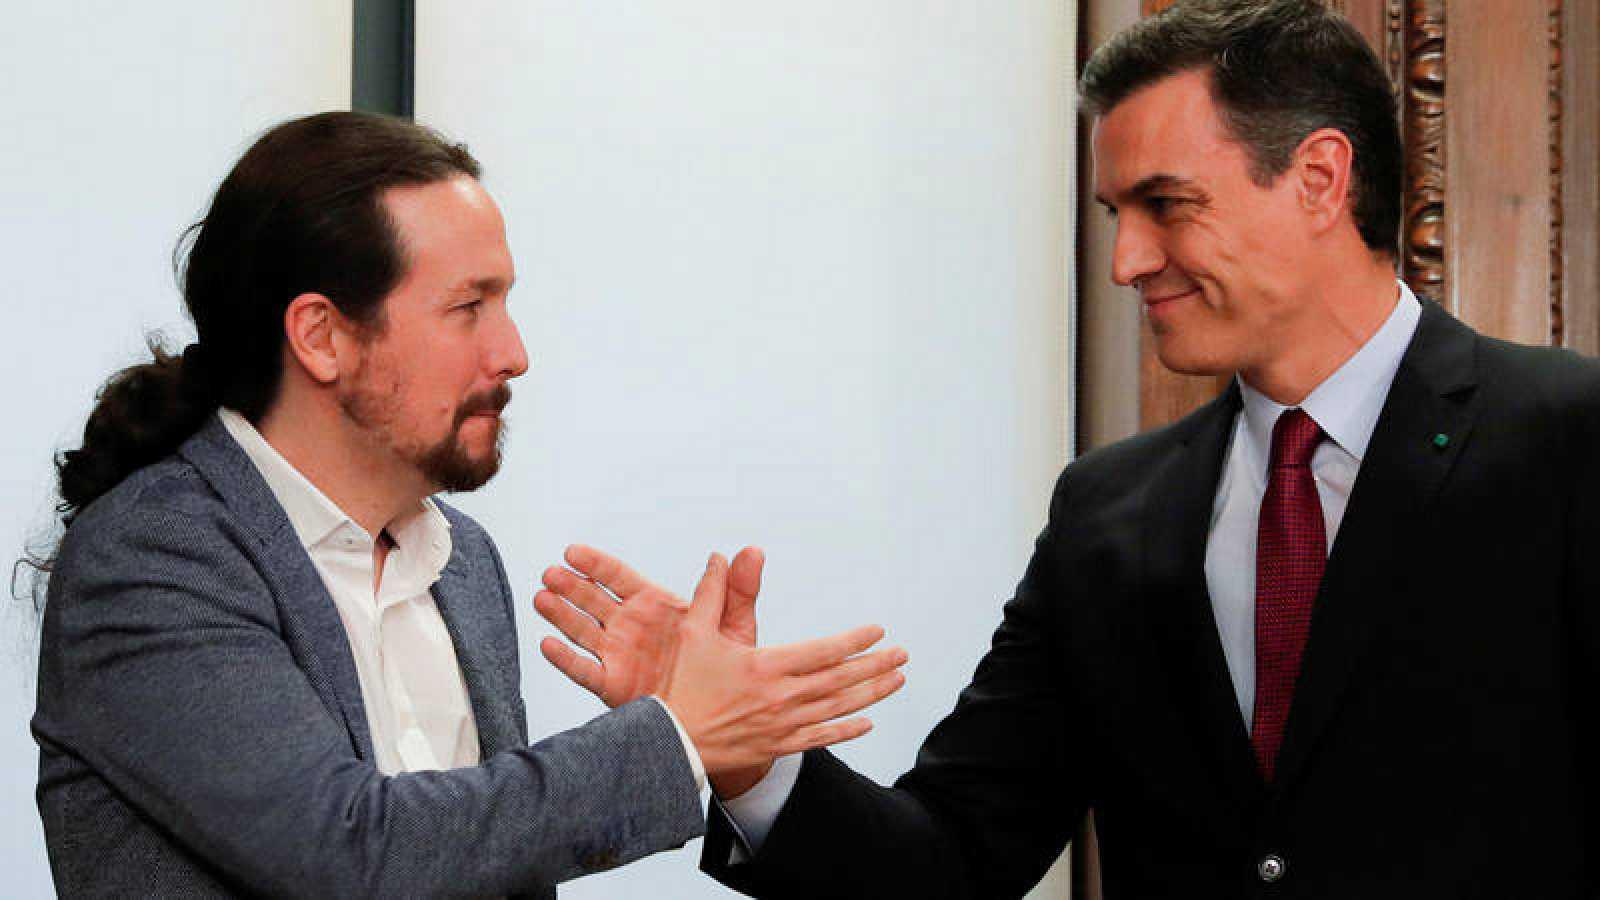 Pablo Iglesias será vicepresidente de Derechos Sociales y Agenda 2030 en el gobierno presidido por Pedro Sánchez